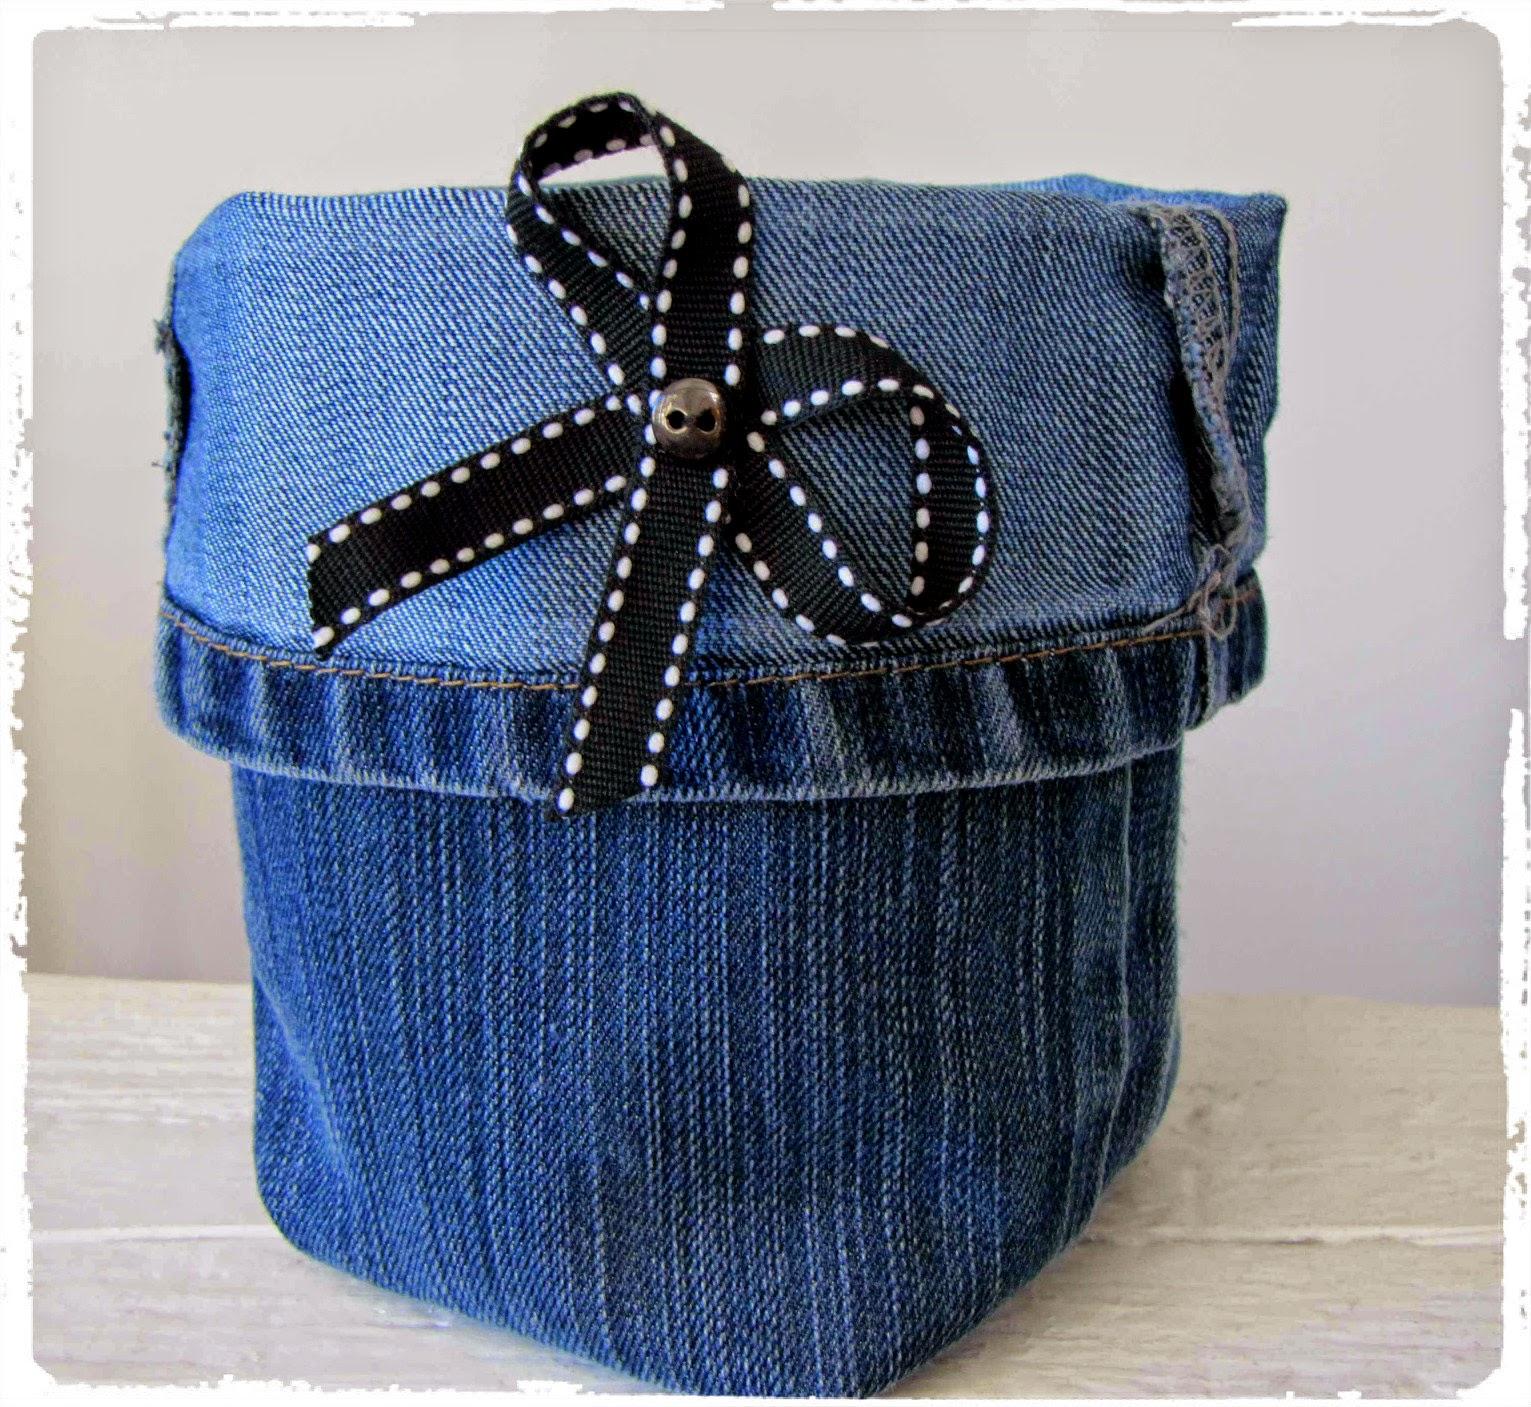 les mercredis d 39 h lo se apolline que faire avec un vieux jeans. Black Bedroom Furniture Sets. Home Design Ideas